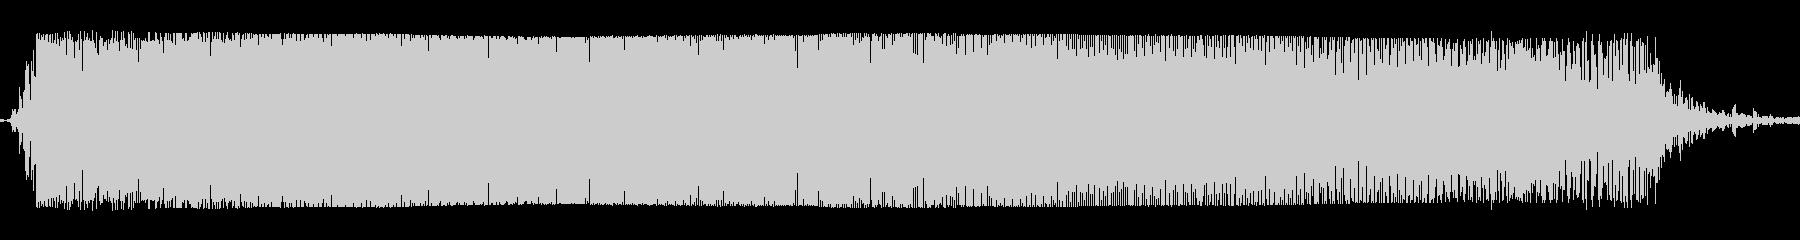 ギターメタルパワーコードzzcの未再生の波形